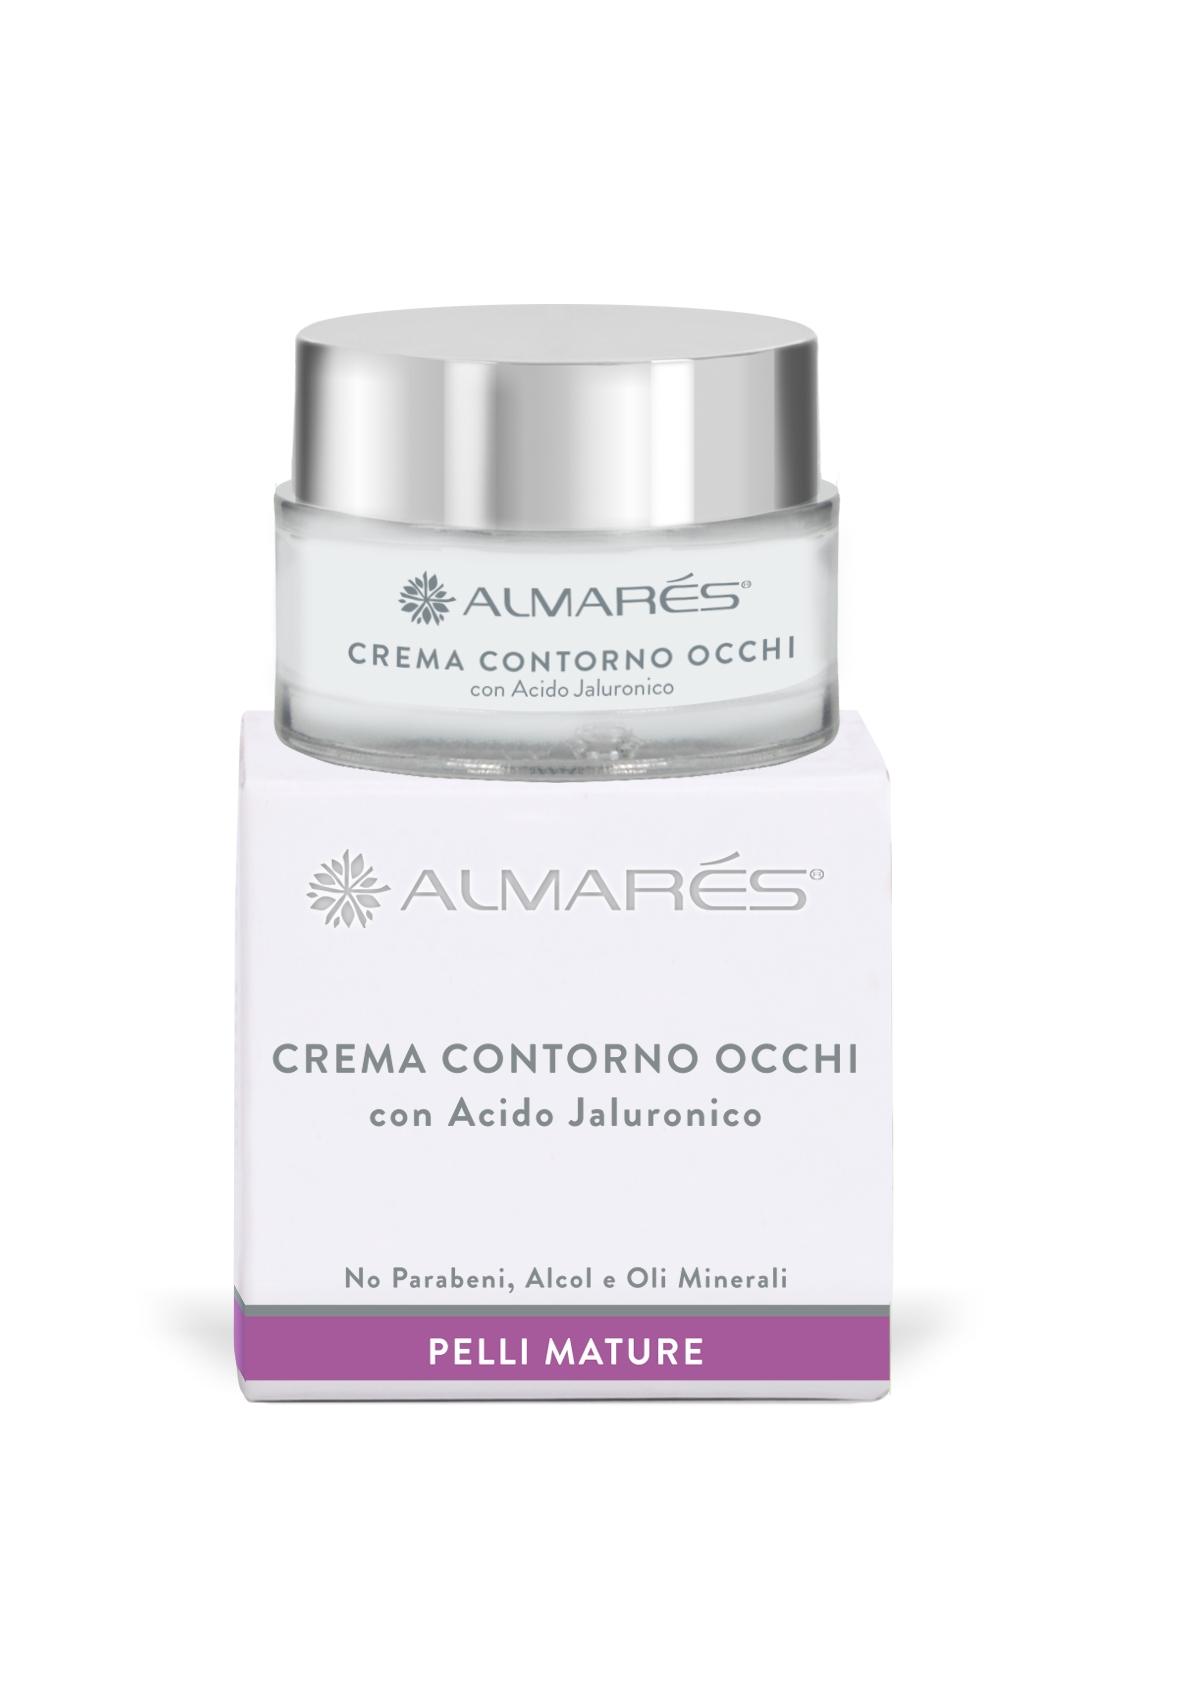 Image of Almarés Crema Contorno Occhi 30 ml